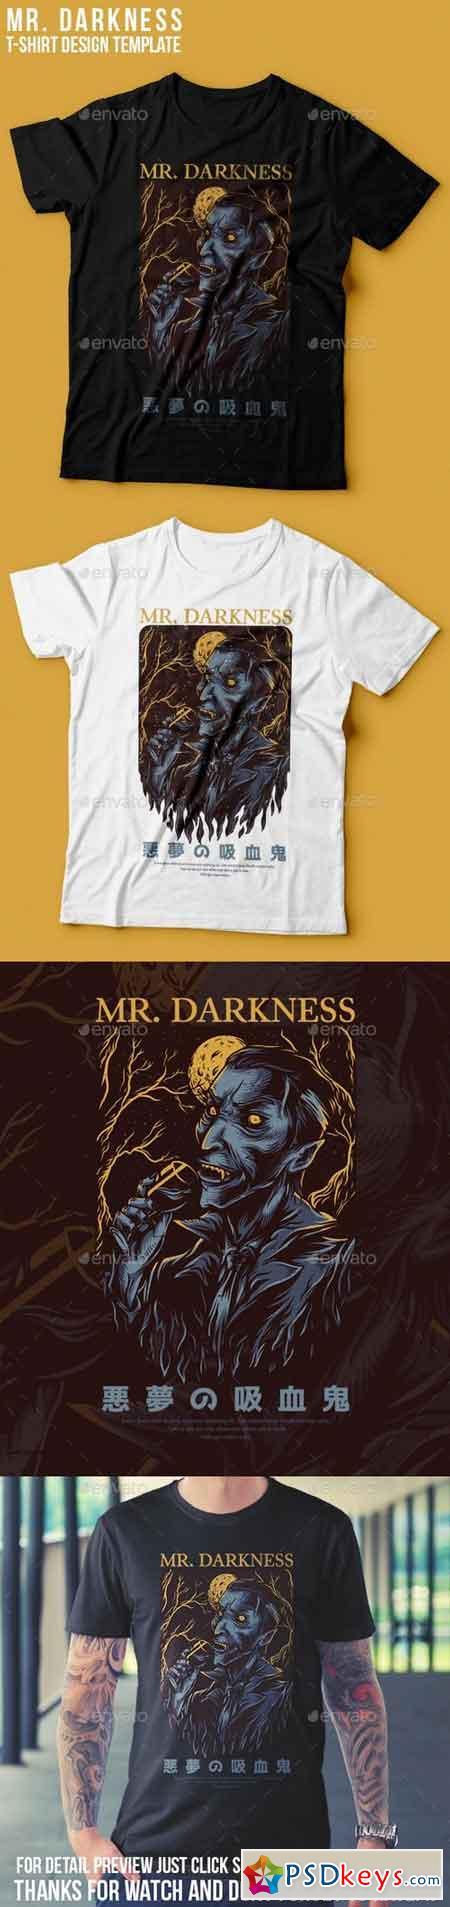 Mr. Darkness T-Shirt Design 22765649